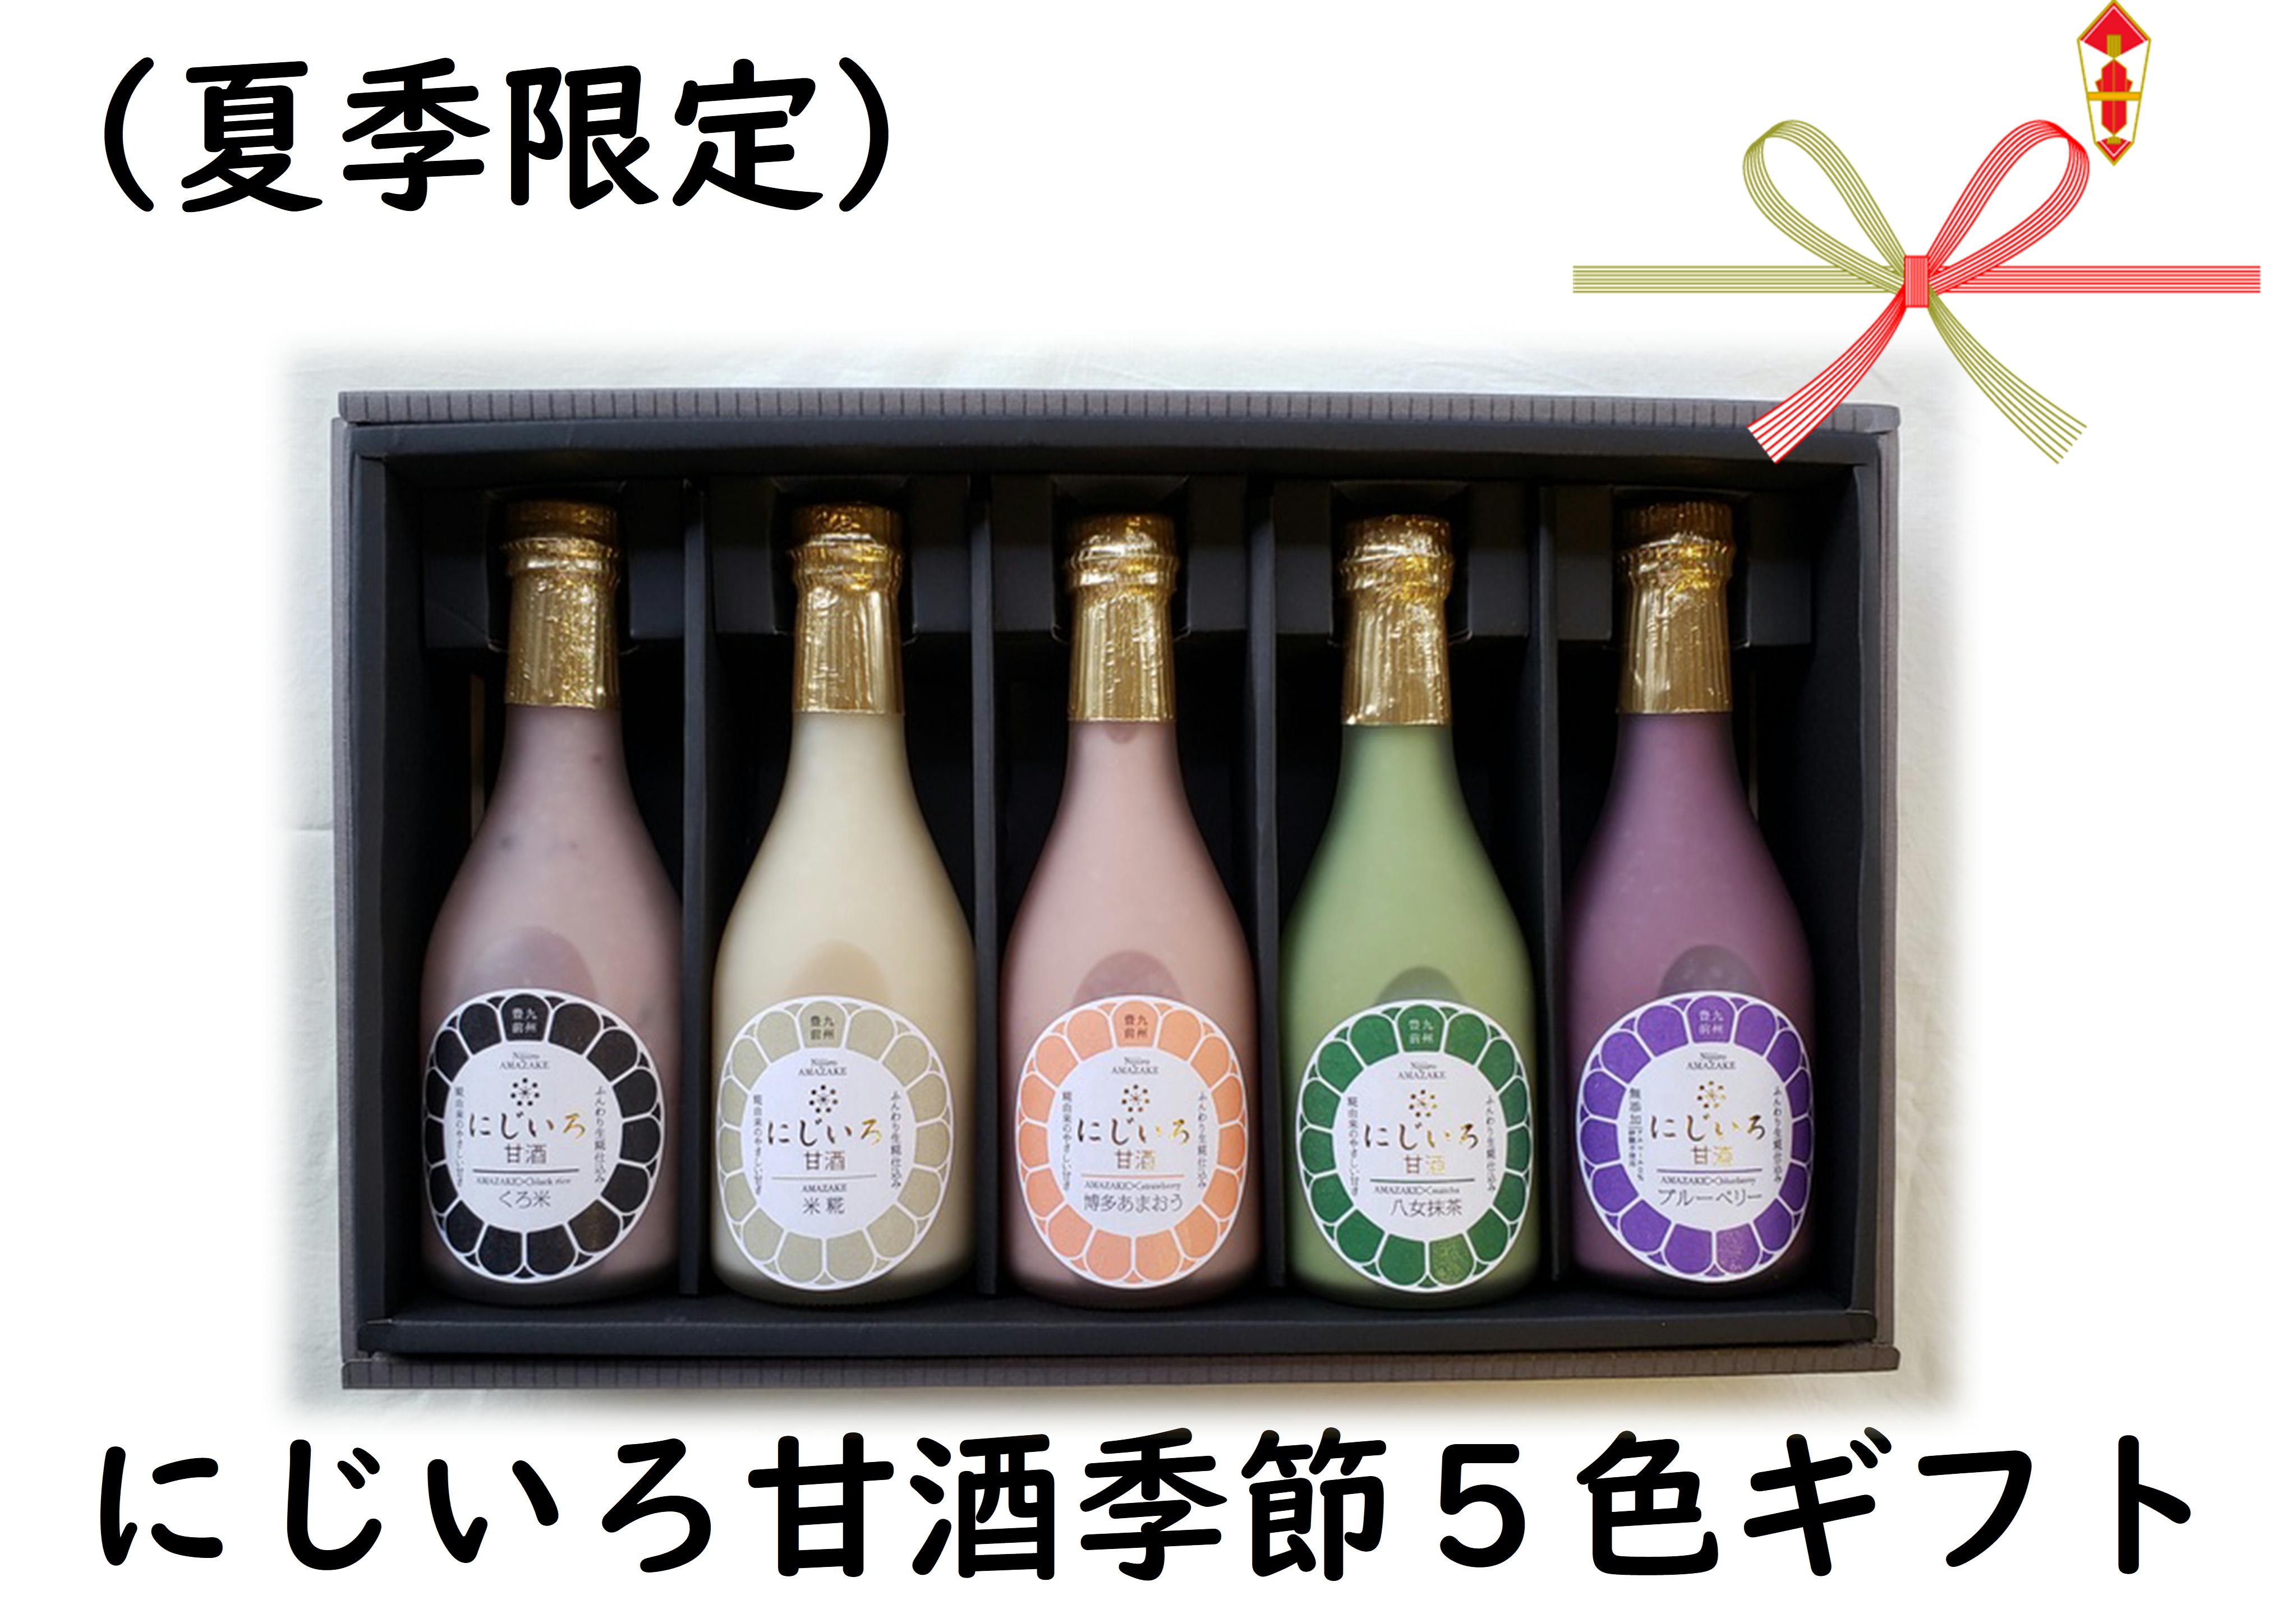 にじいろ甘酒季節の5色ギフトセット(博多あまおう・ブルーベリー・米糀・八女抹茶・くろ米